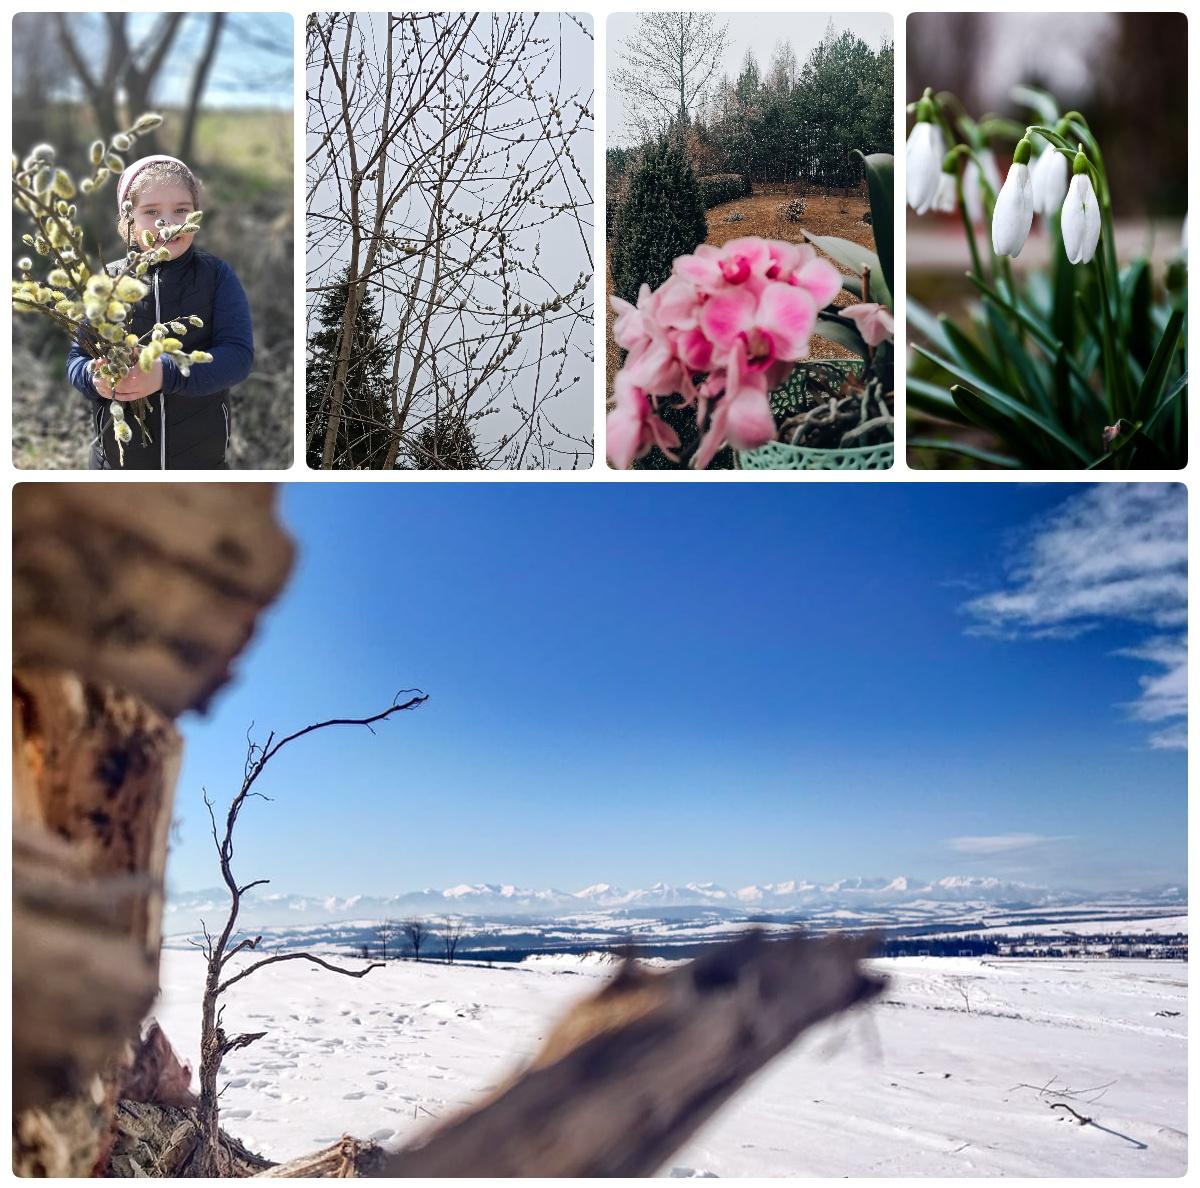 """Rozstrzygnięcie konkursu """"Wiosenne wyzwanie fotograficzne"""""""